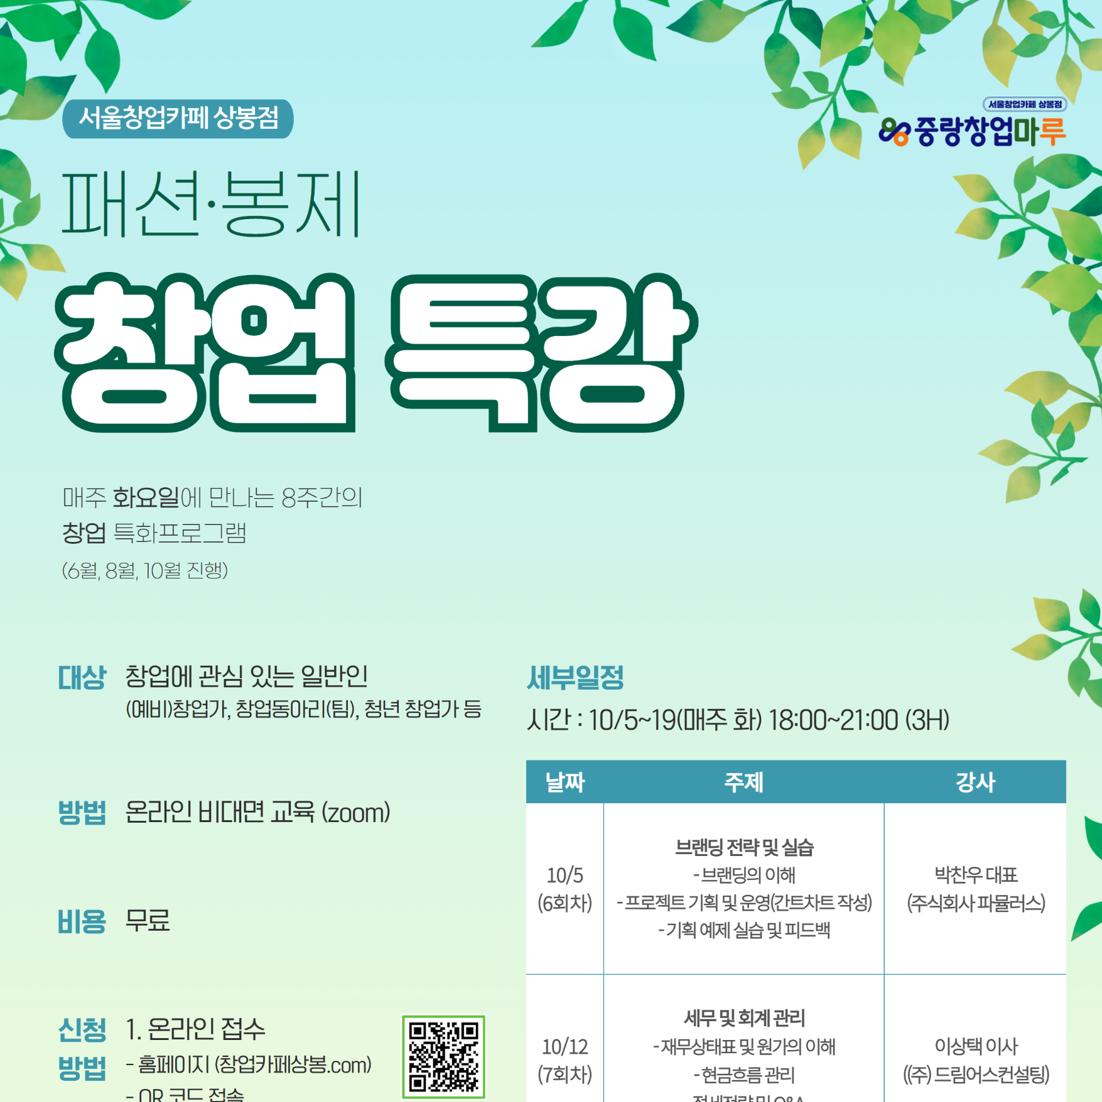 [서울창업카페 상봉점] 패션·봉제 창업 특강 6~8회차